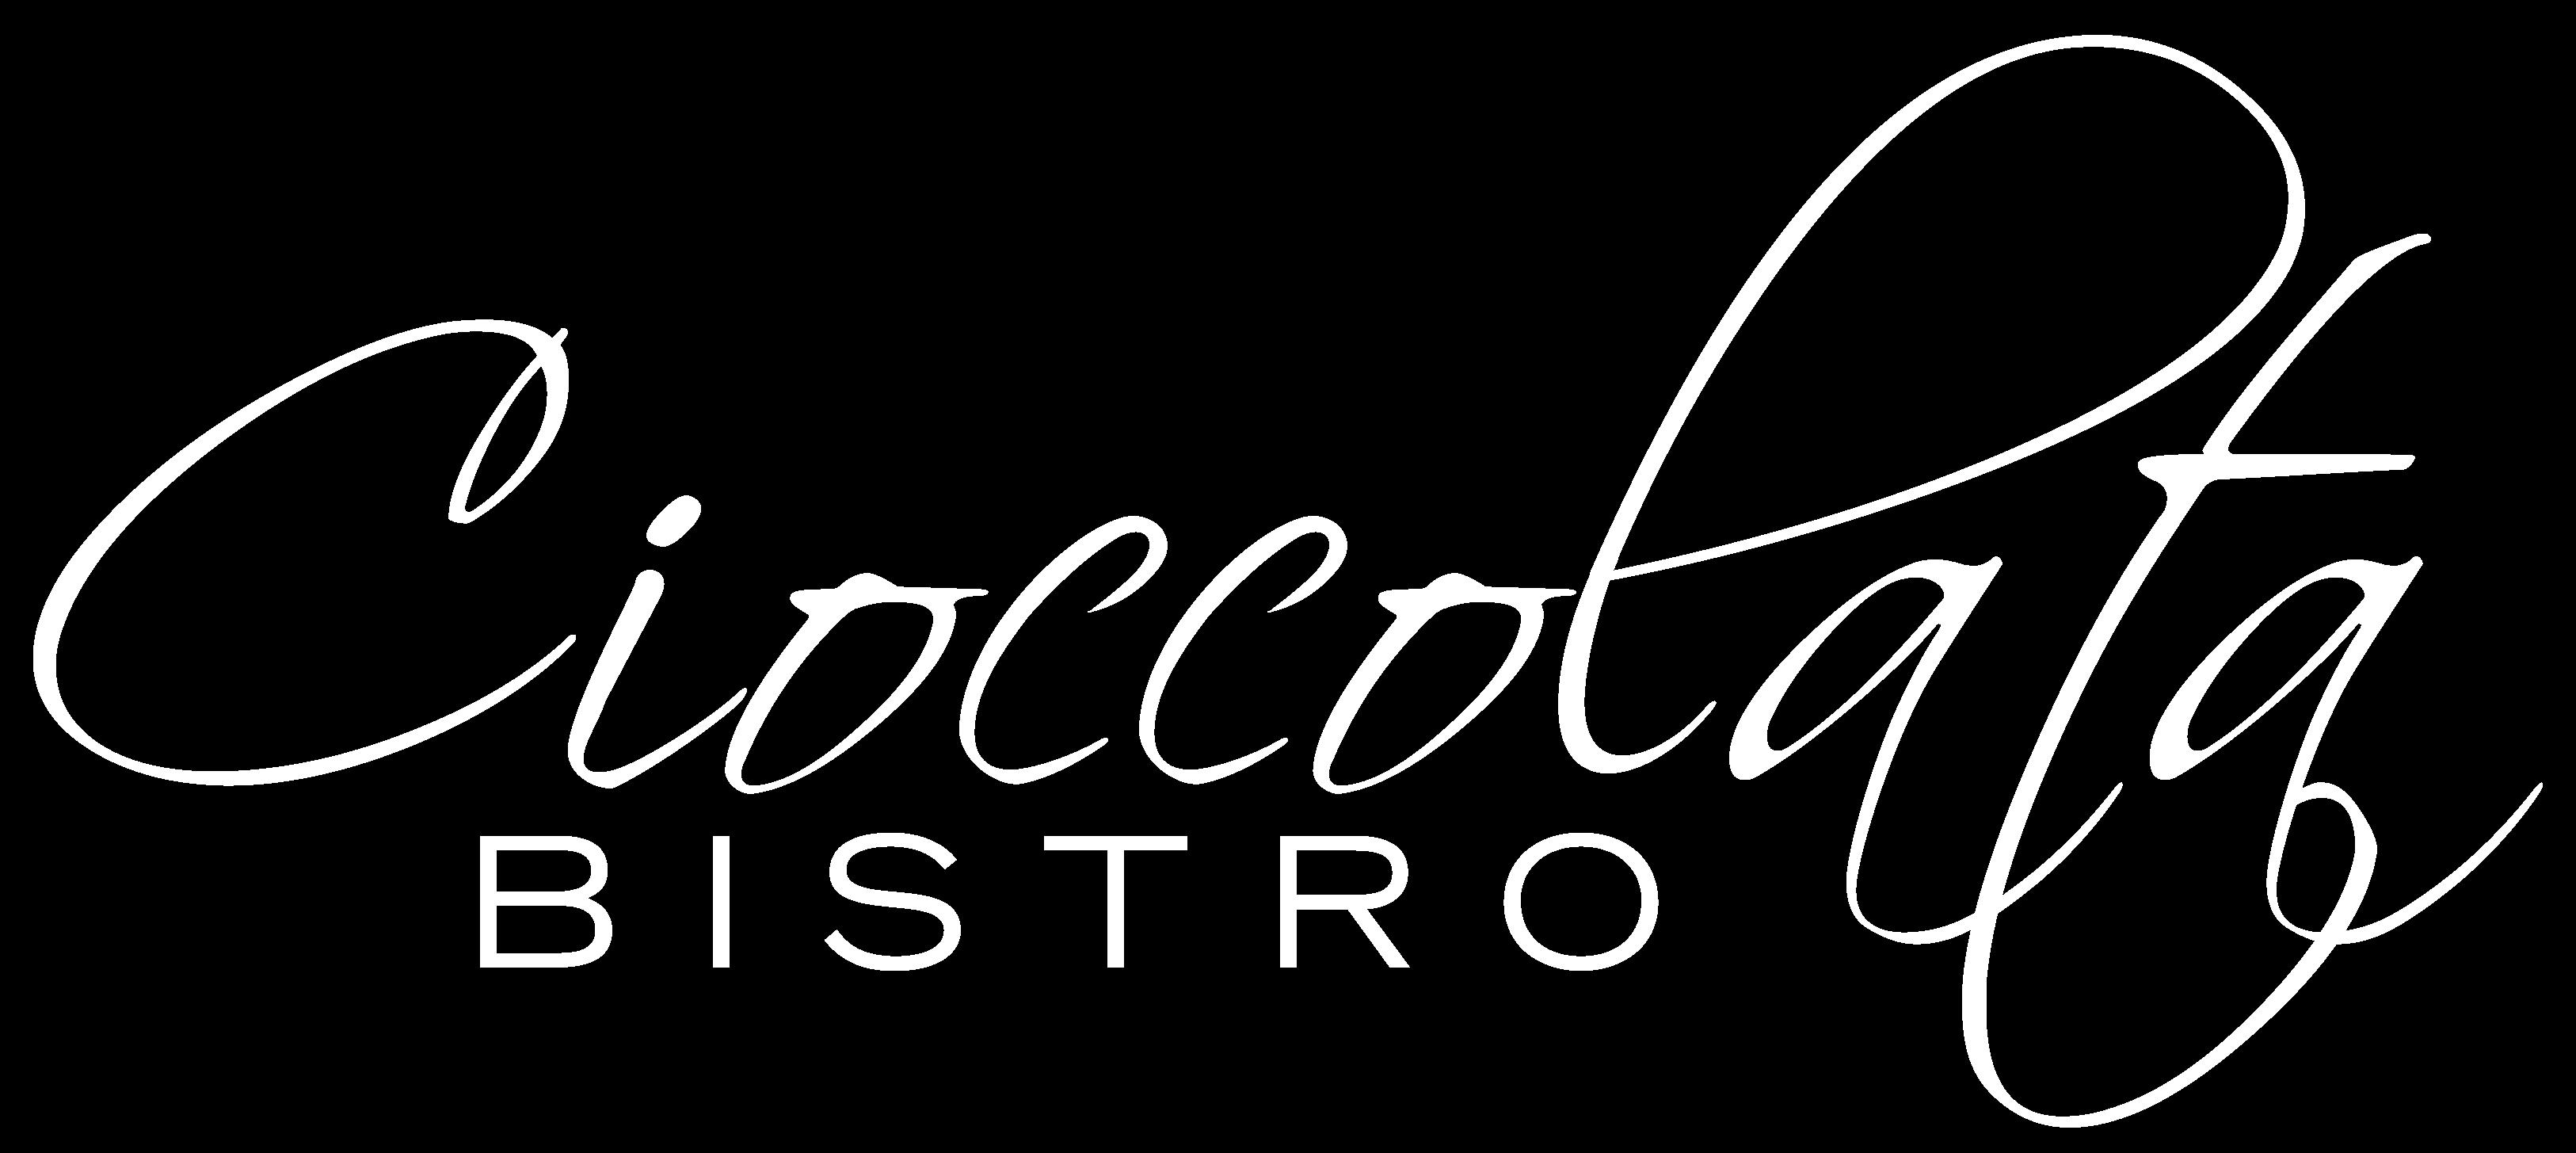 chocolat linköping öppettider